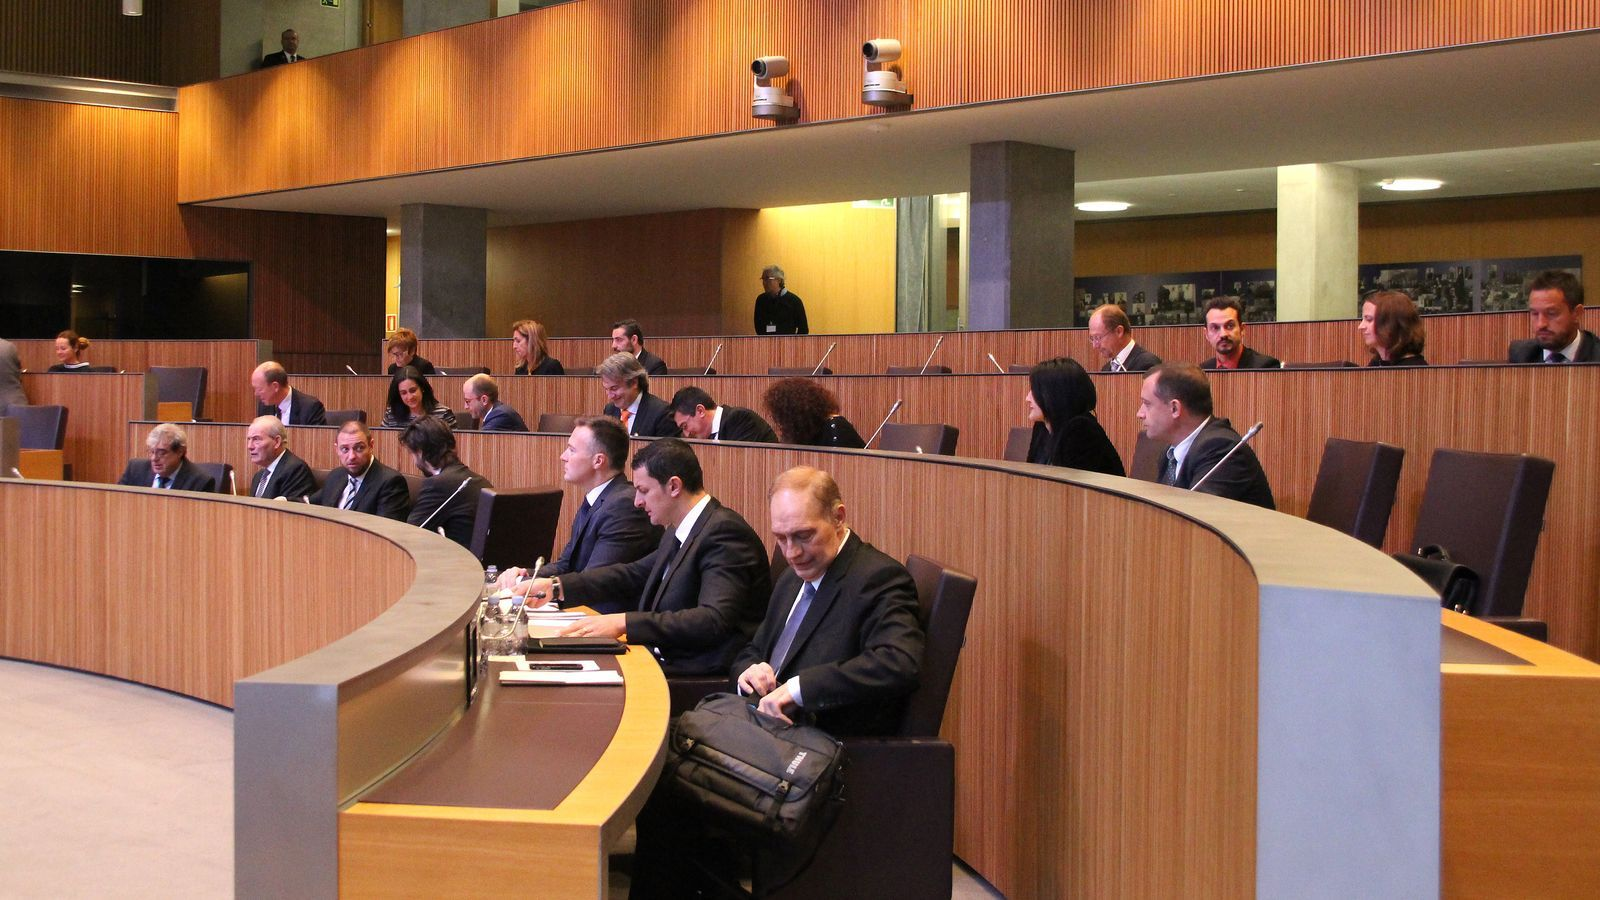 Una imatge dels consellers generals aquest dijous al matí. / M. F.